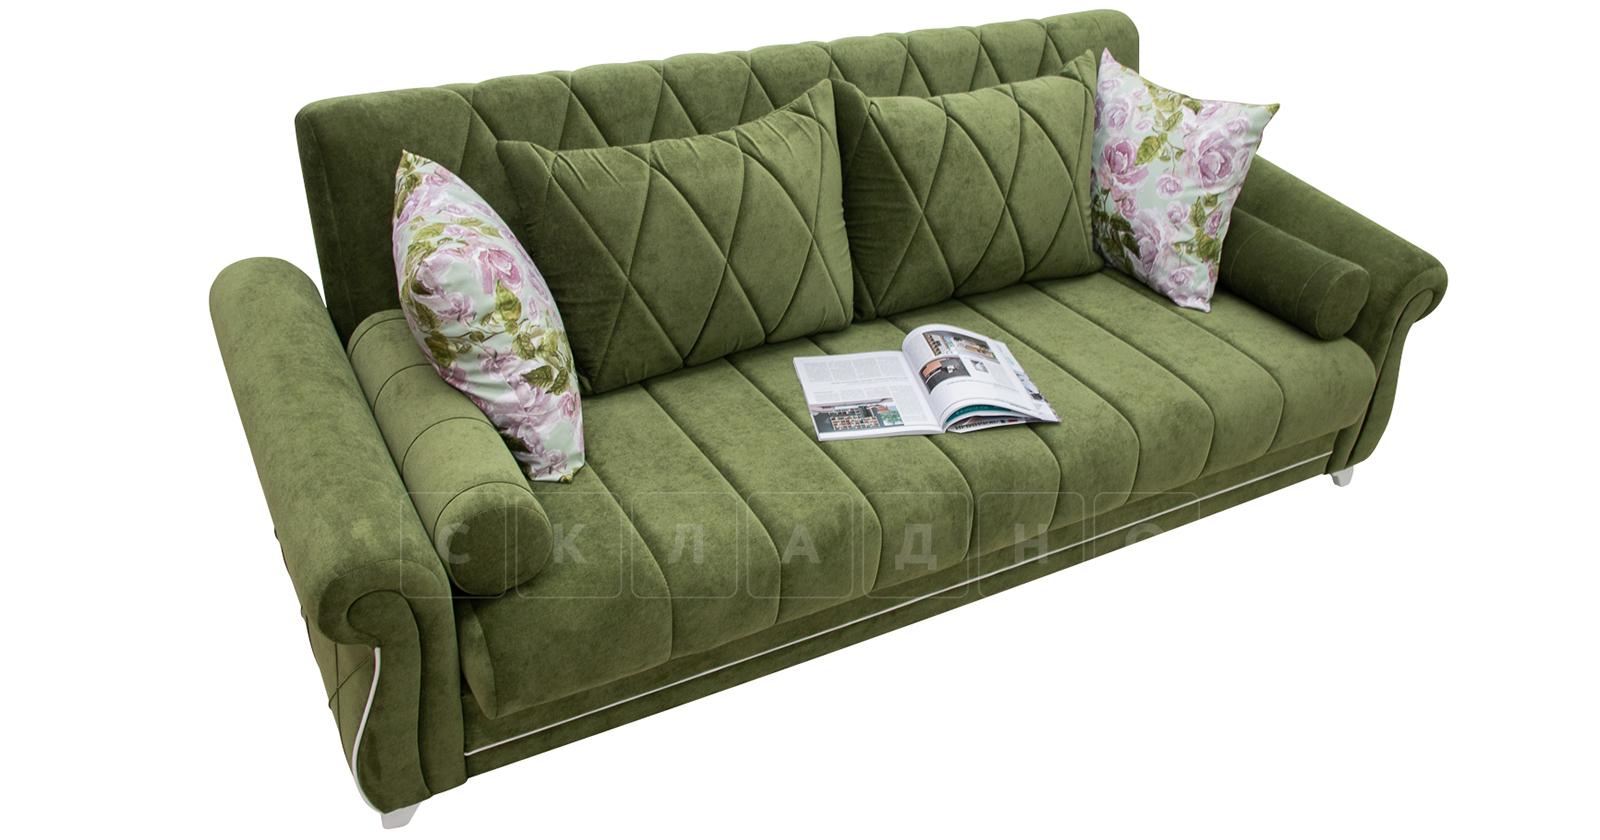 Диван-кровать Роза оливковый фото 5 | интернет-магазин Складно